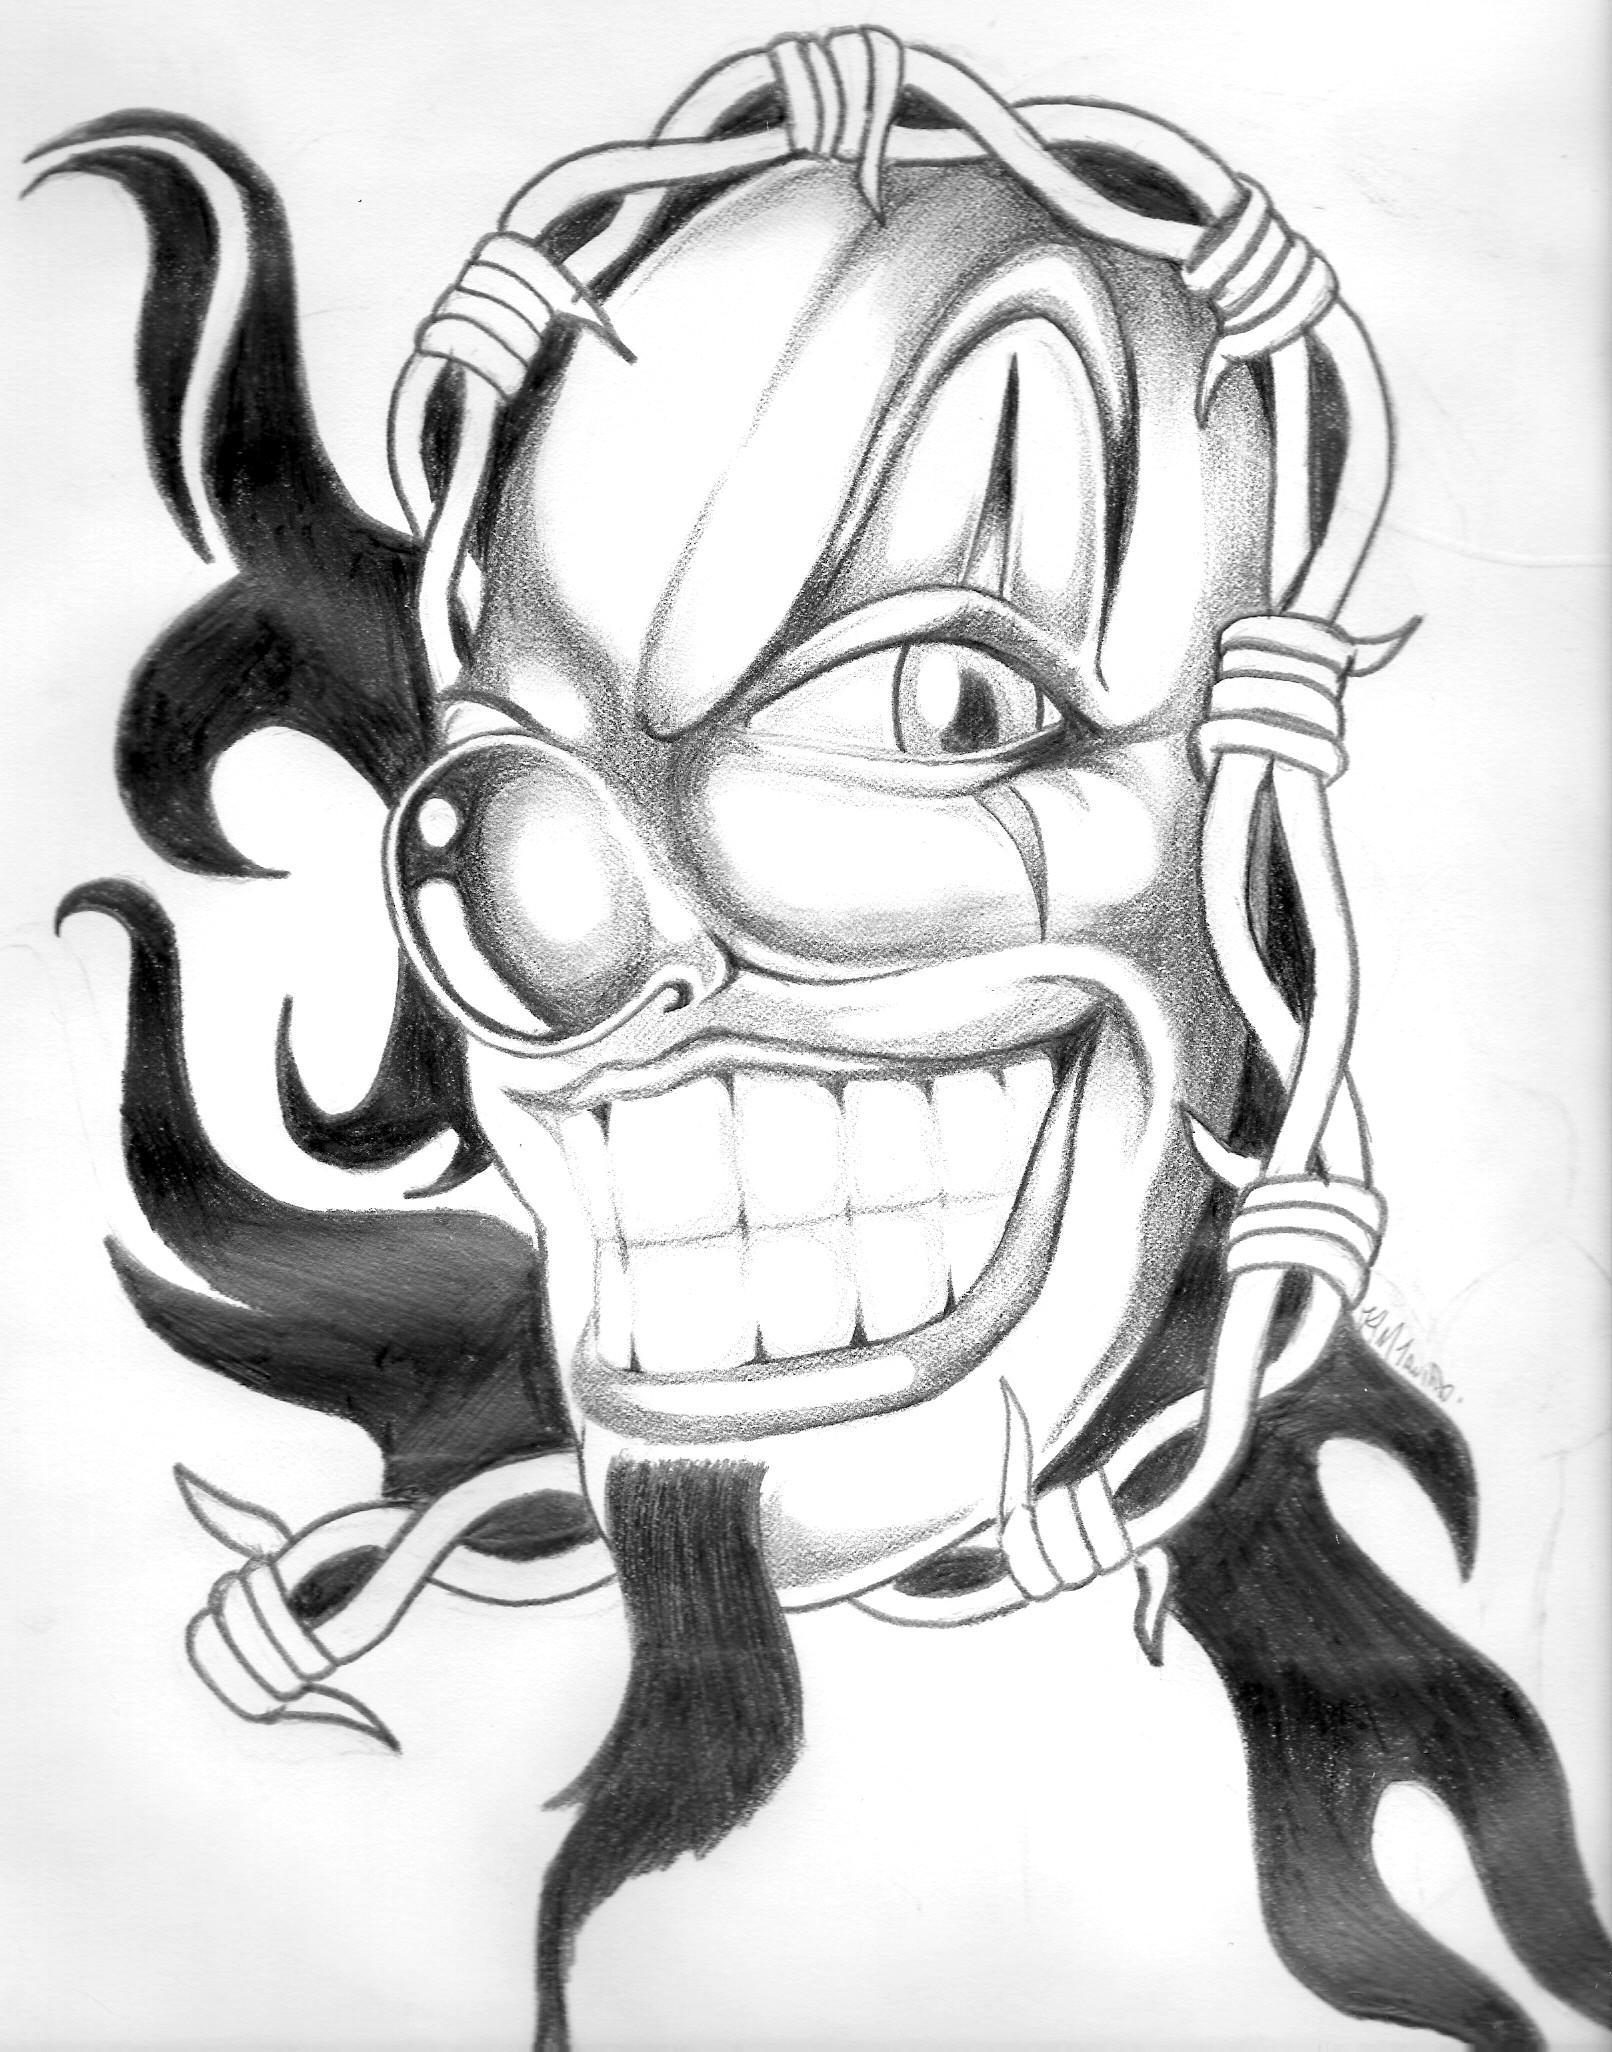 clown by brokenTear on DeviantArt